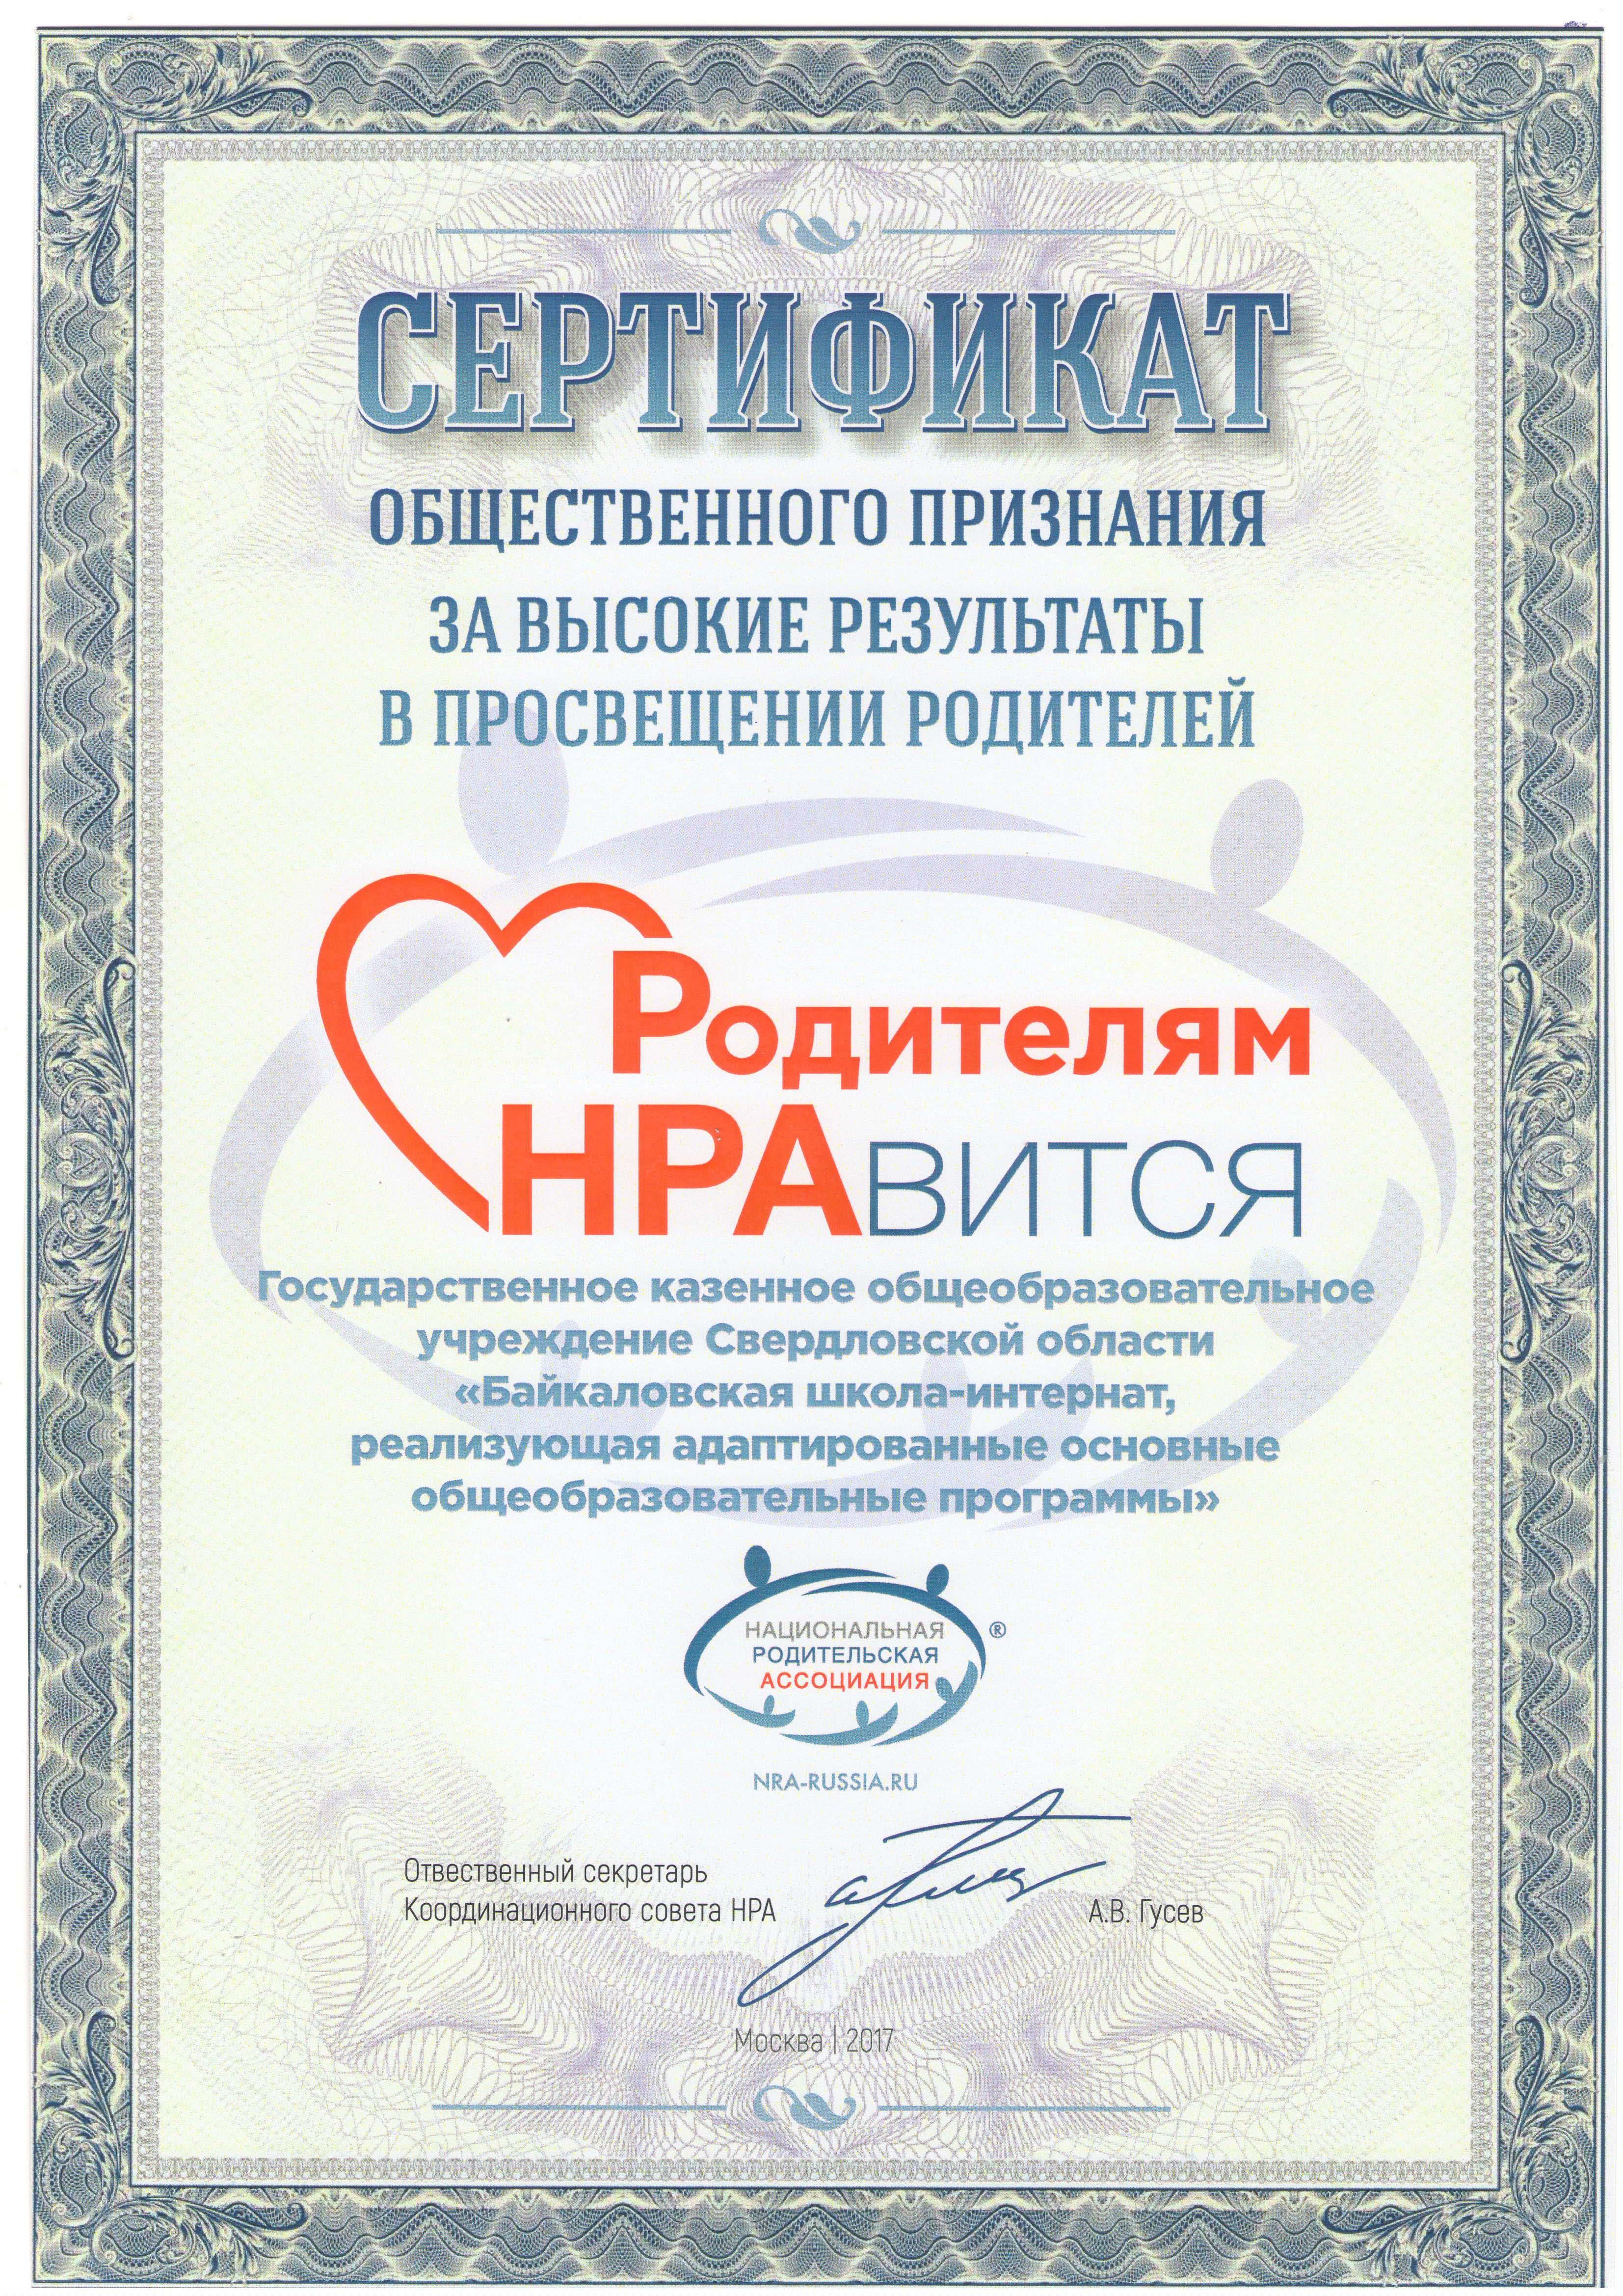 Сертификат общественного призвания